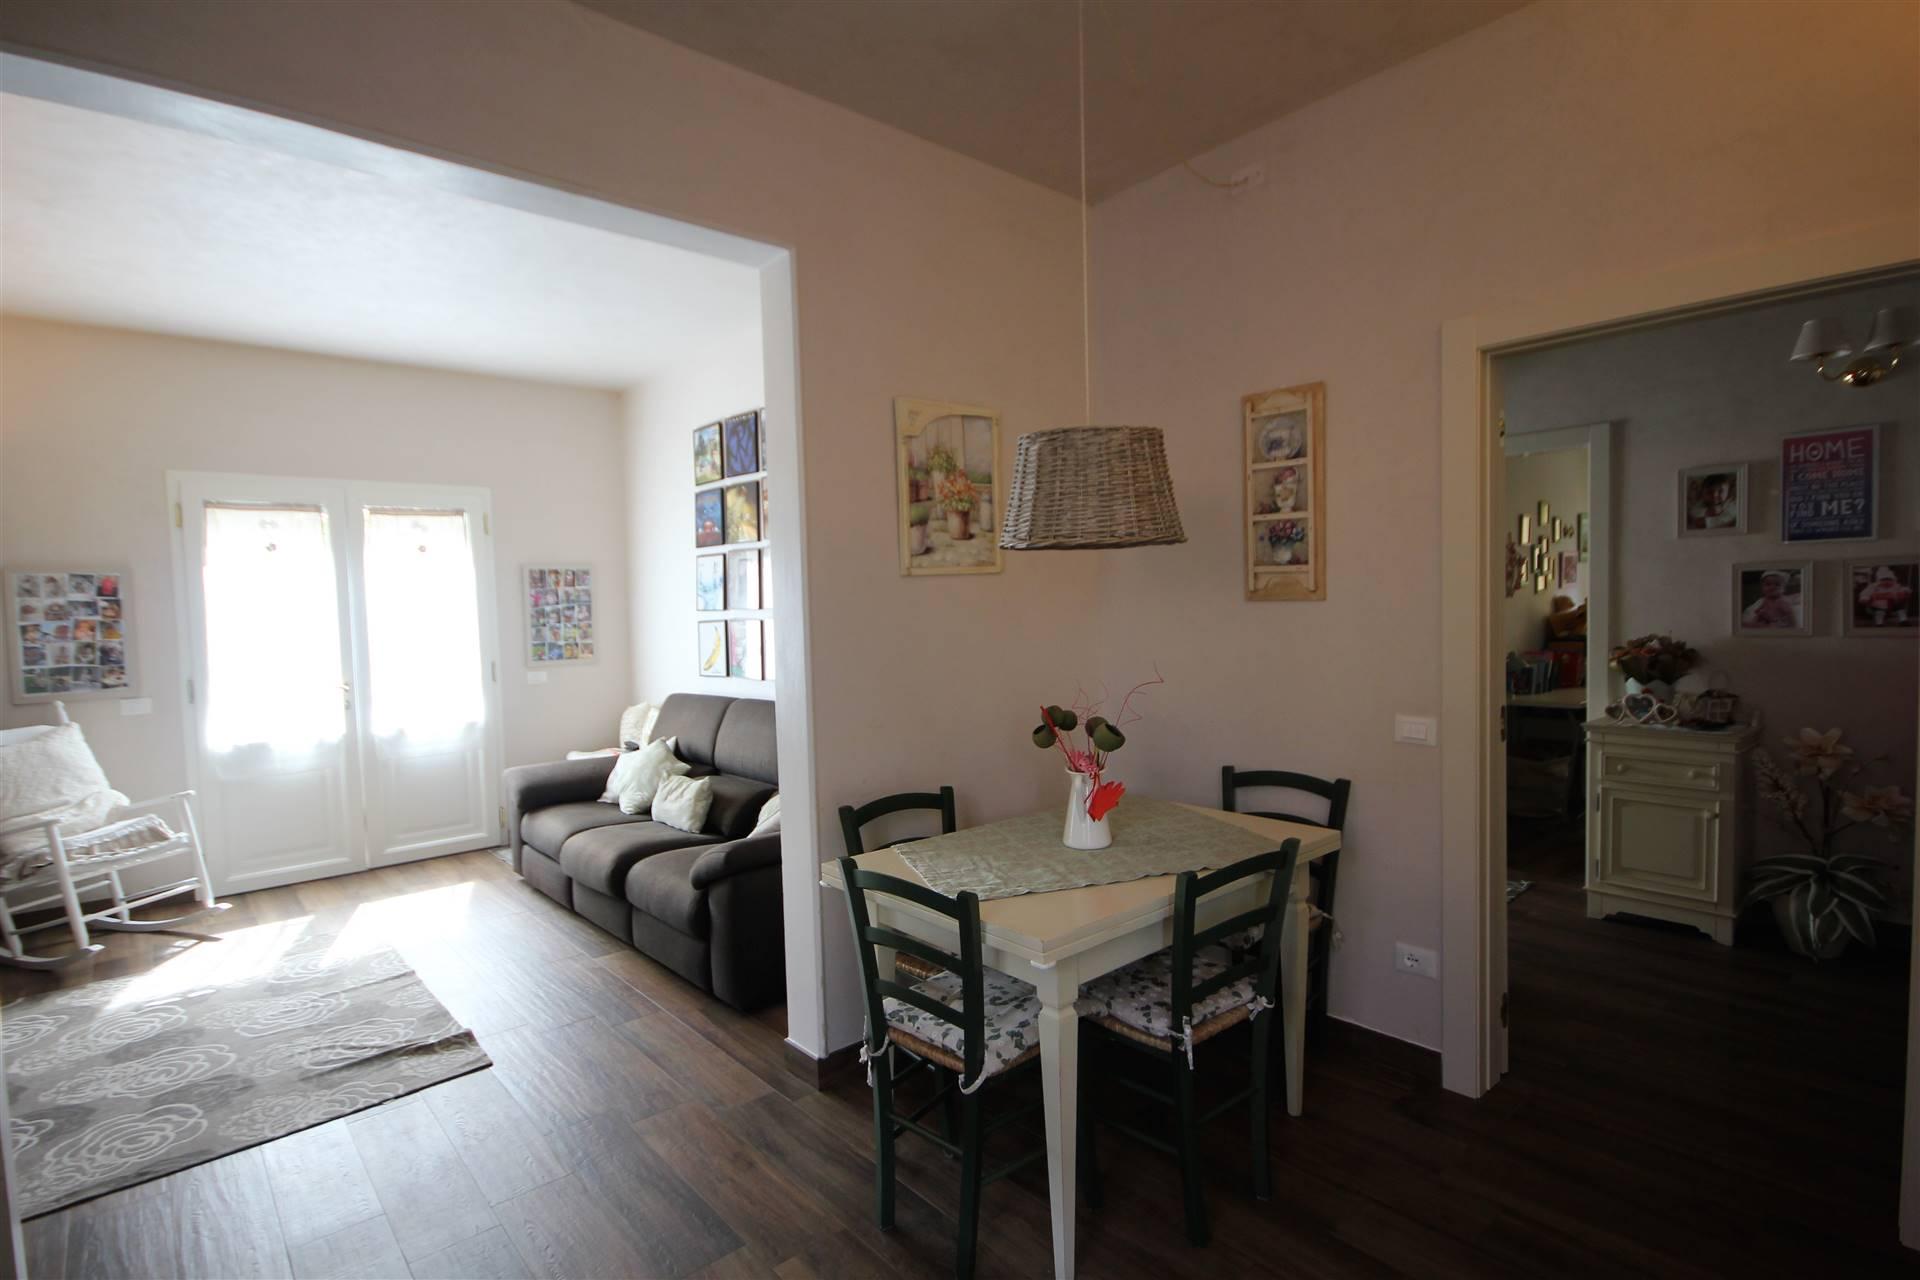 Appartamento in vendita a Fiesole, 4 locali, zona Zona: Pian di San Bartolo, prezzo € 295.000 | CambioCasa.it